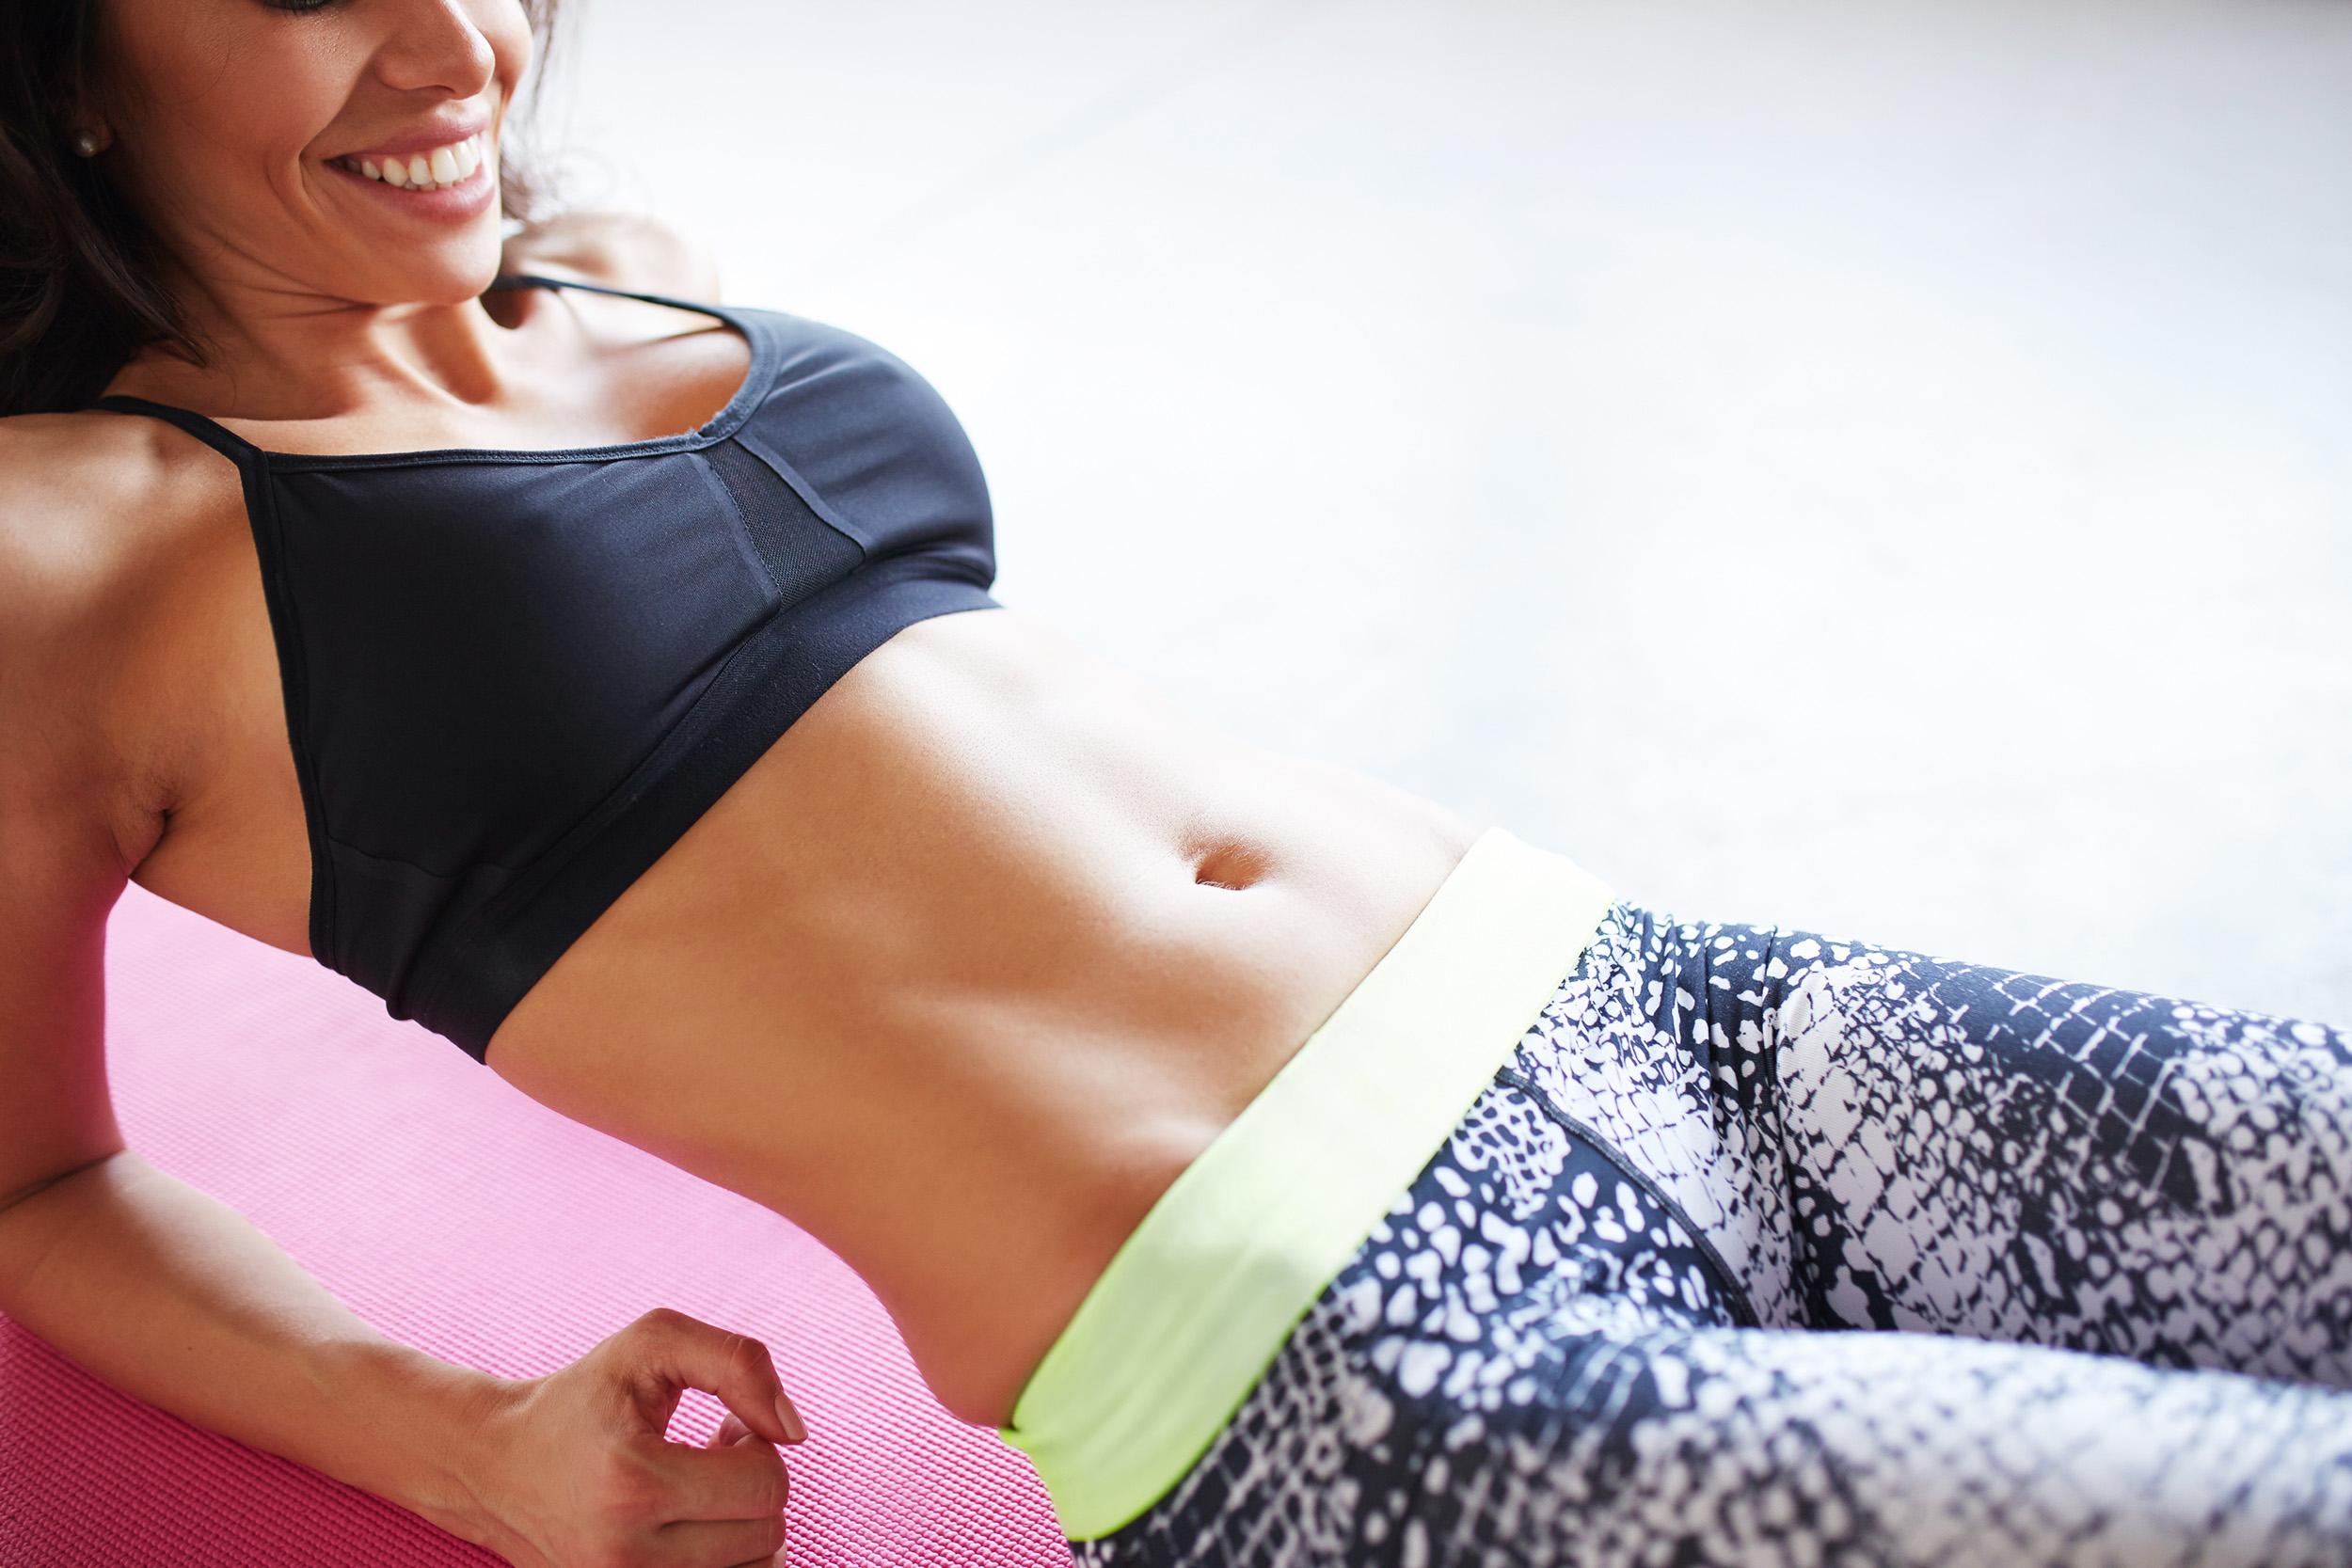 Tłuszcz na brzuchu nie mogę schudnąć ból brzucha